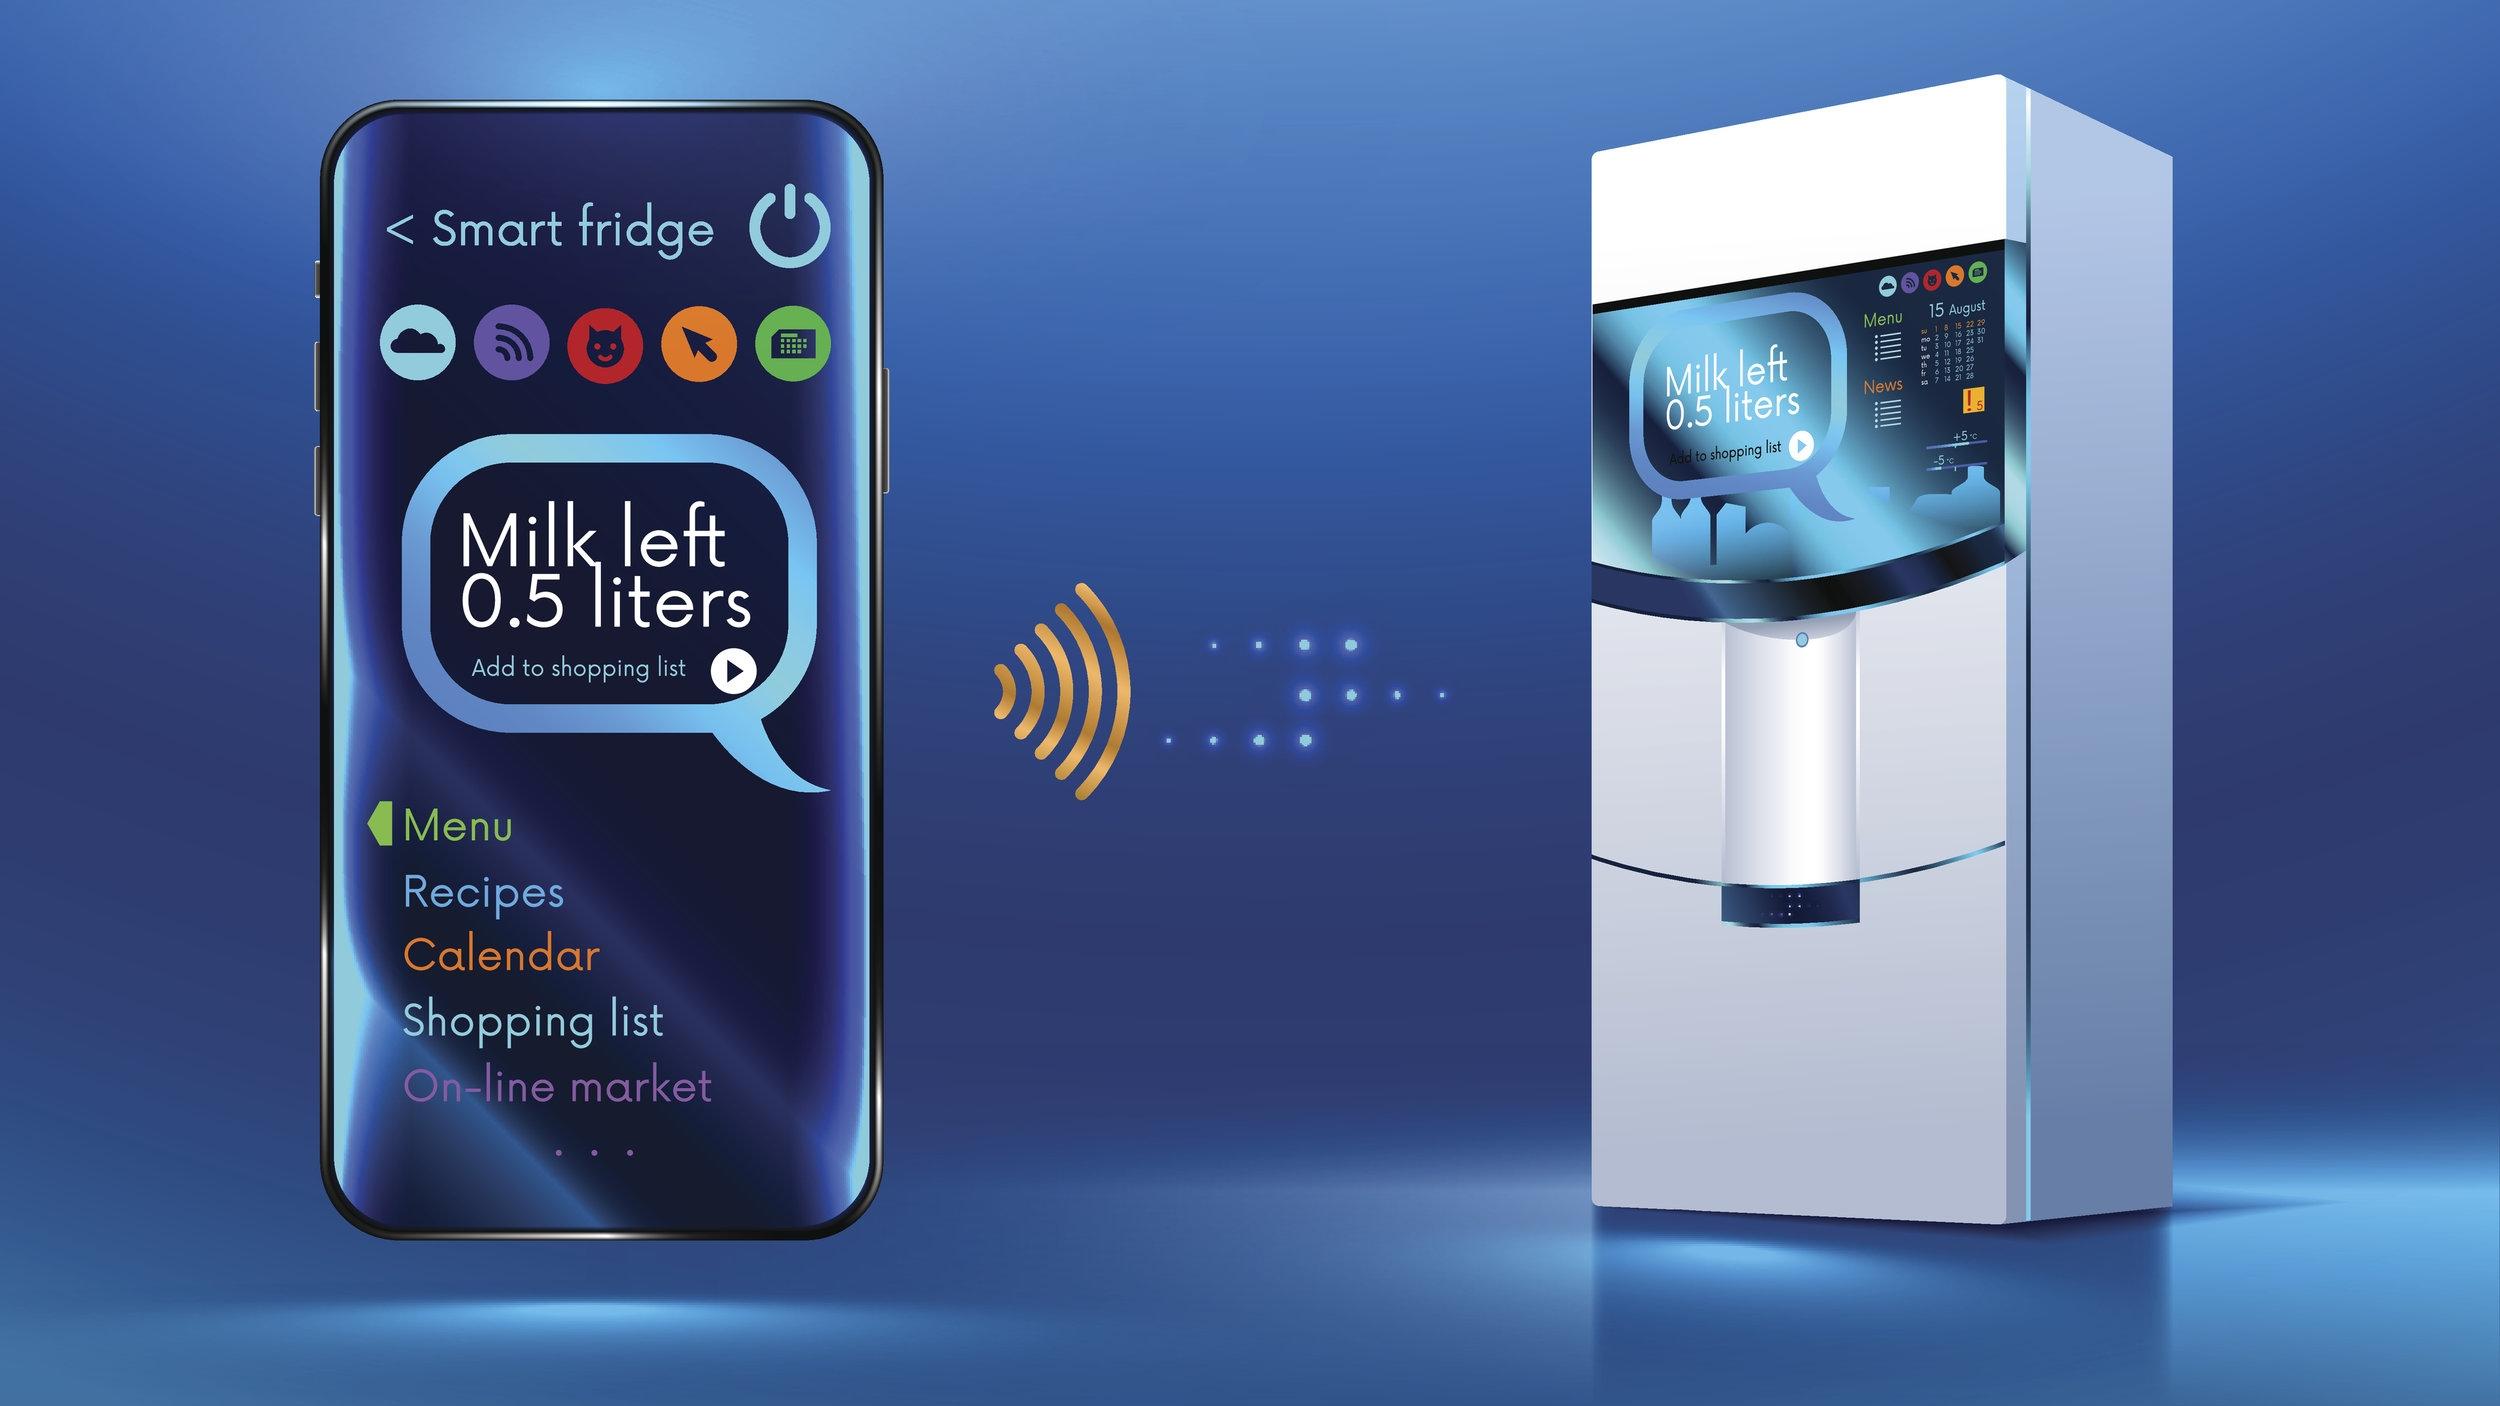 smart-fridge.jpg